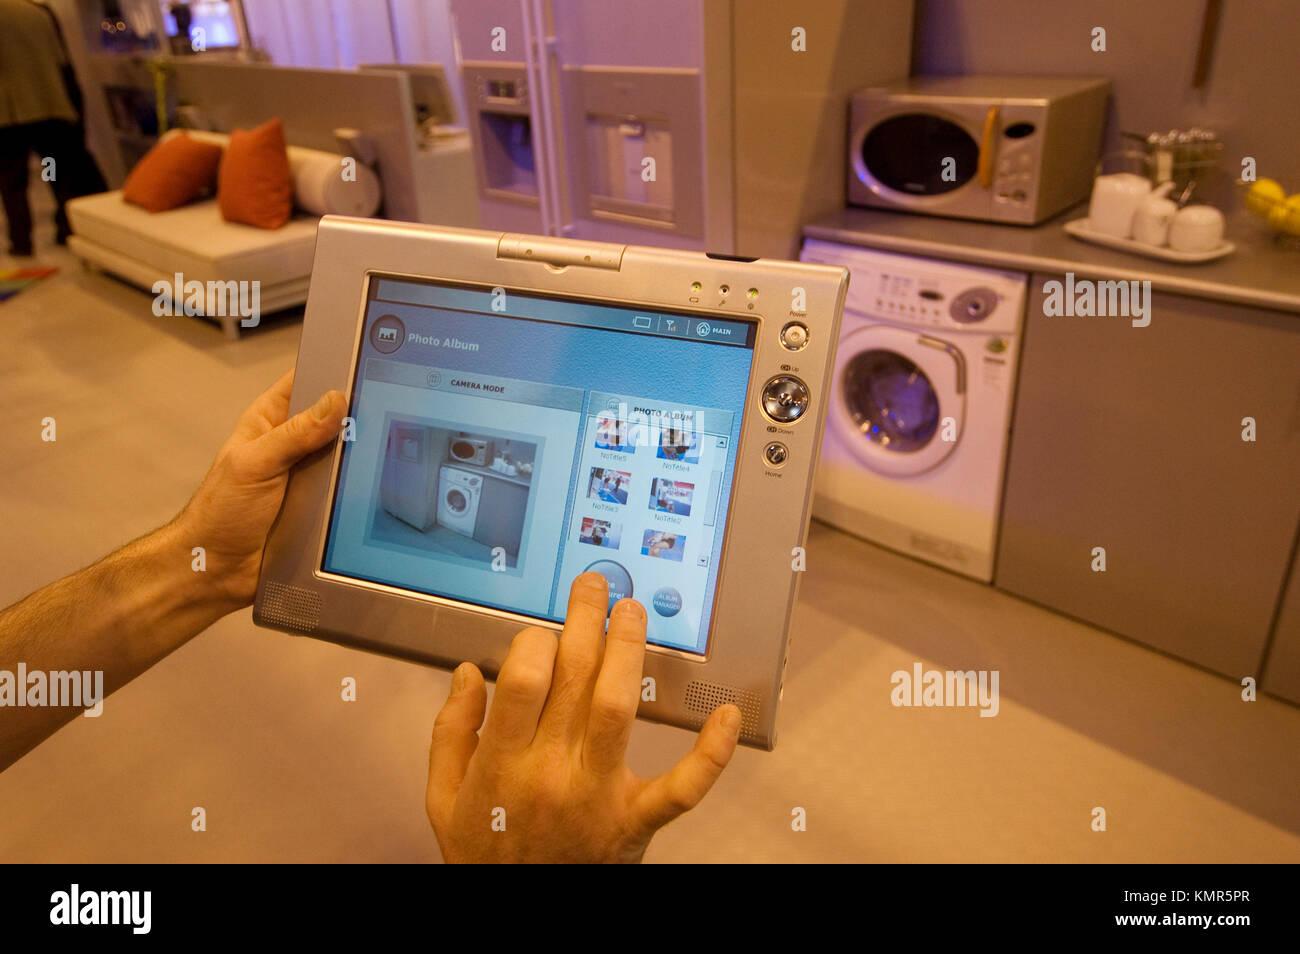 Samsung home vita sistema domótico, preparado para controlar todos los dispositivos electrónicos domésticos, Imagen De Stock